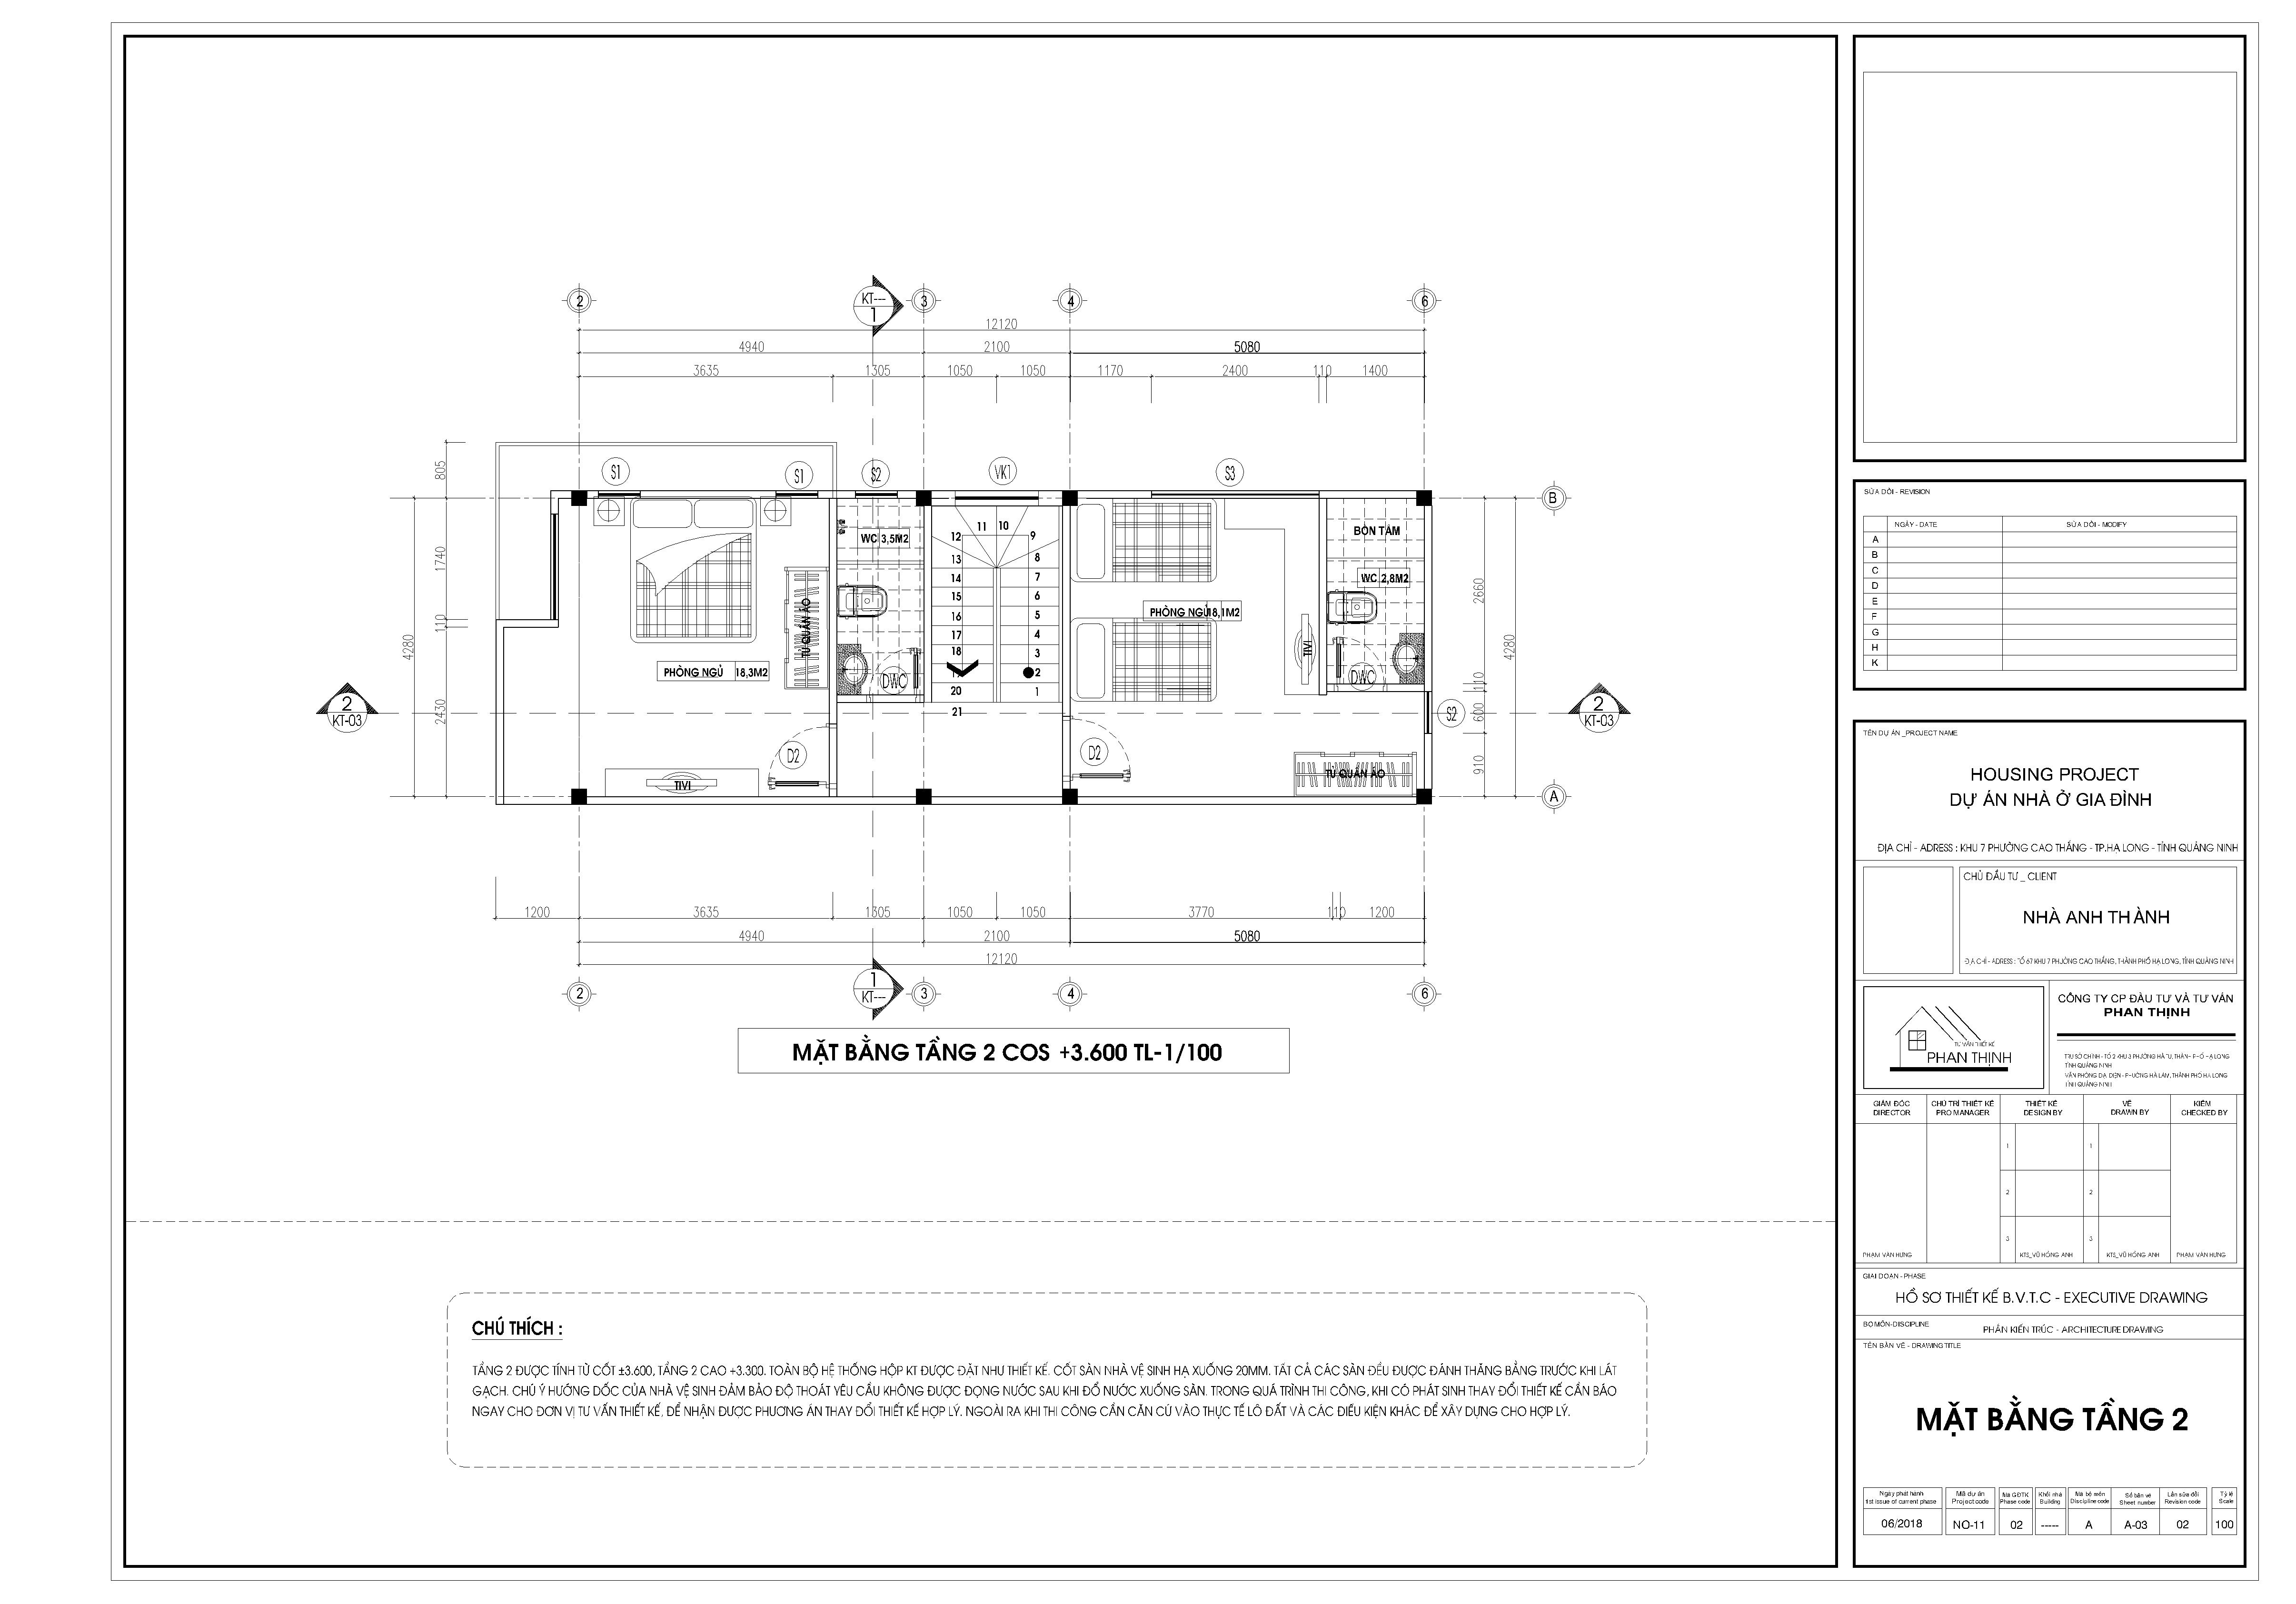 Thiết kế nhà ống 3 tầng tại Quảng Ninh